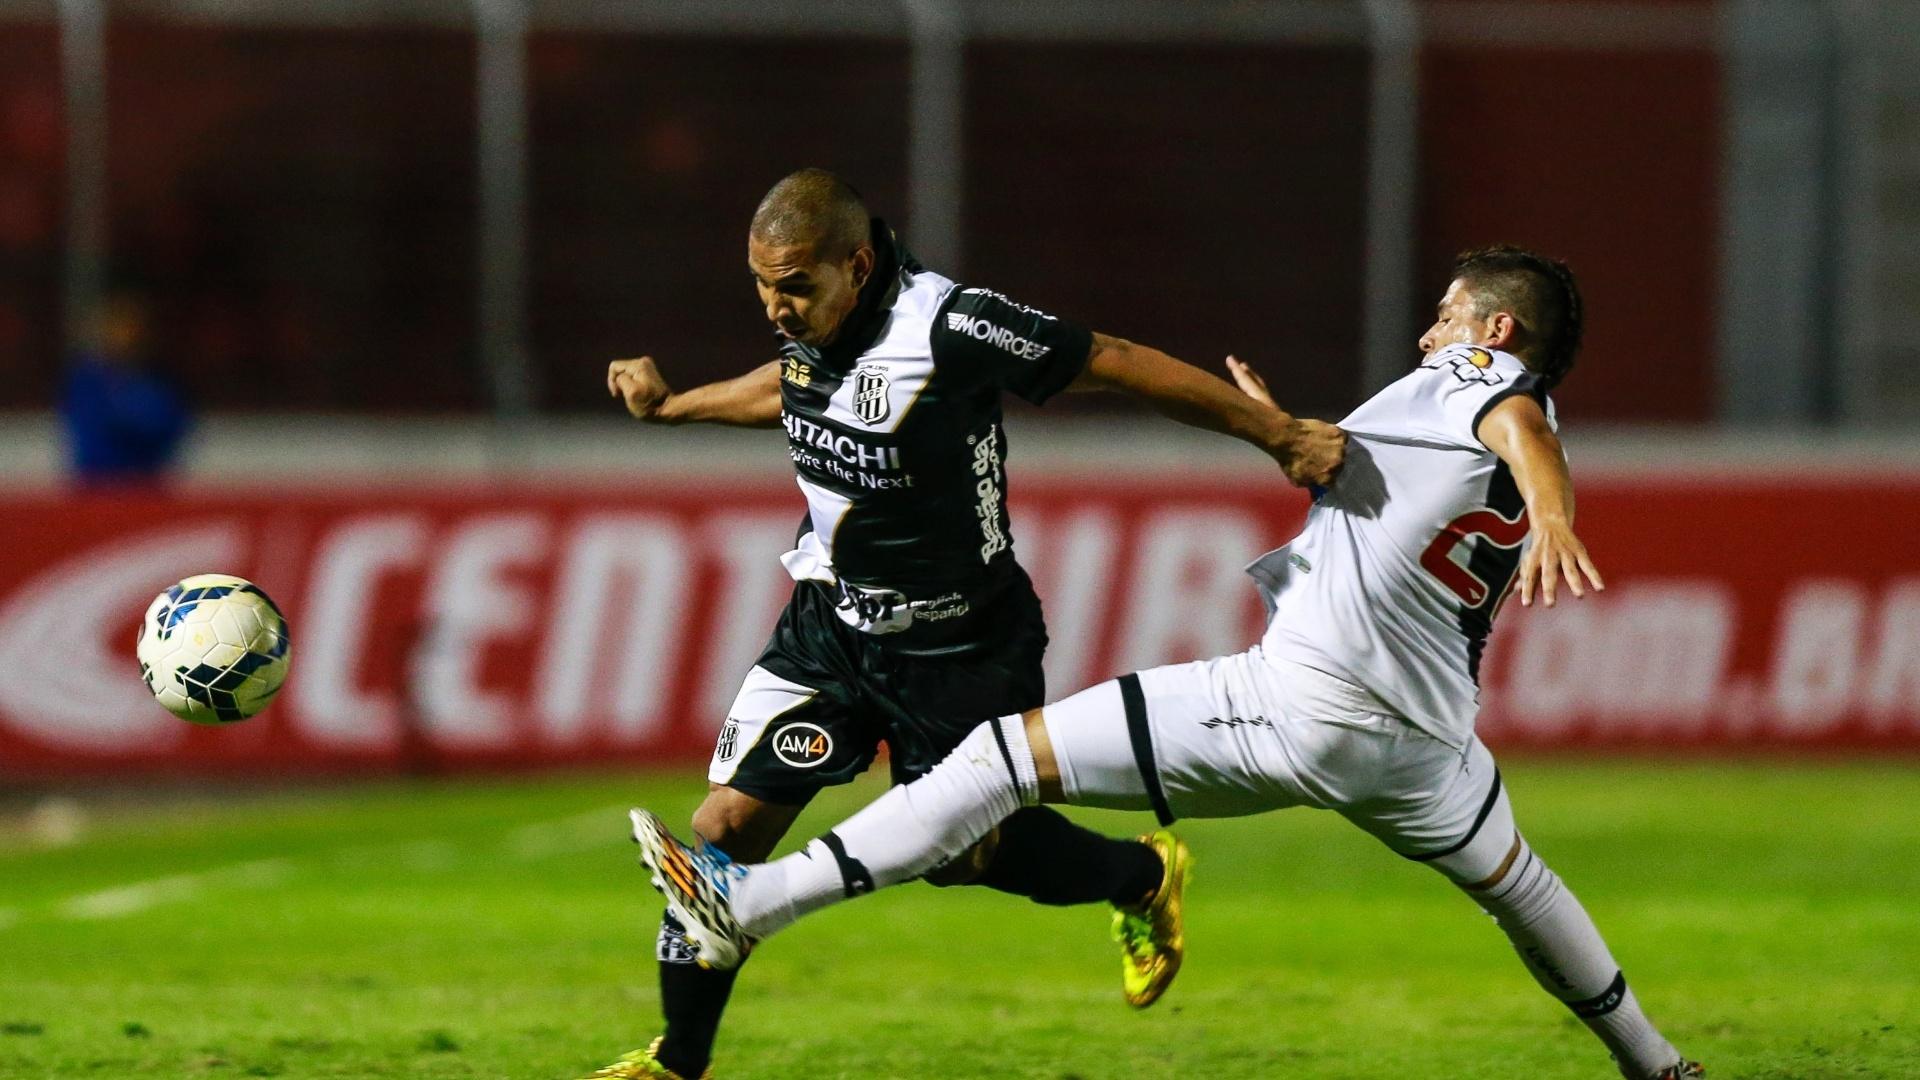 Rafael Costa, atacante da Ponte Preta, tenta vencer a marcação de Diego Renan, do Vasco, em jogo pela Copa do Brasil